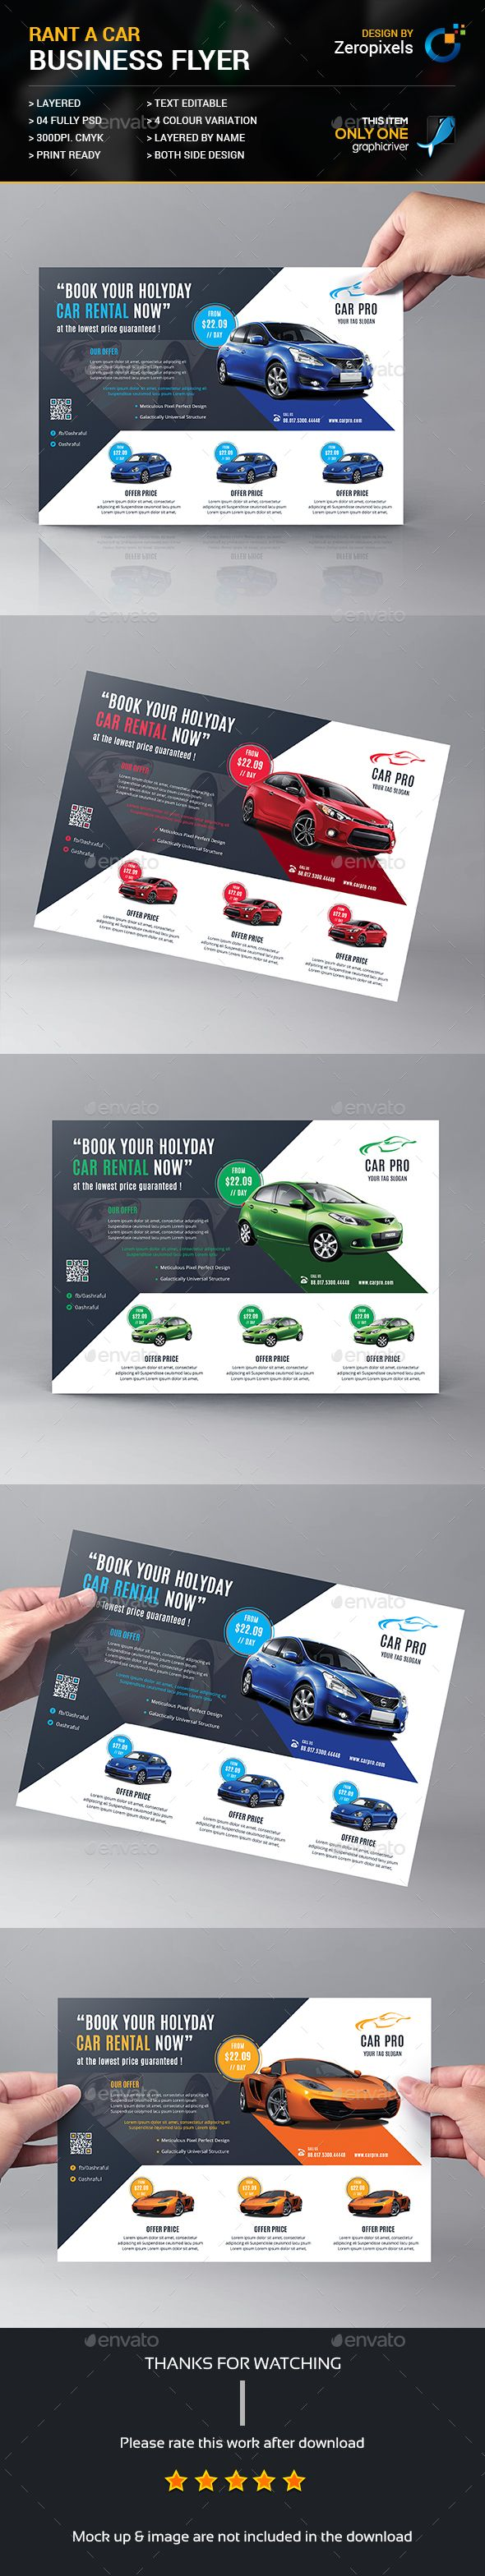 Rant A Car Business Flyer